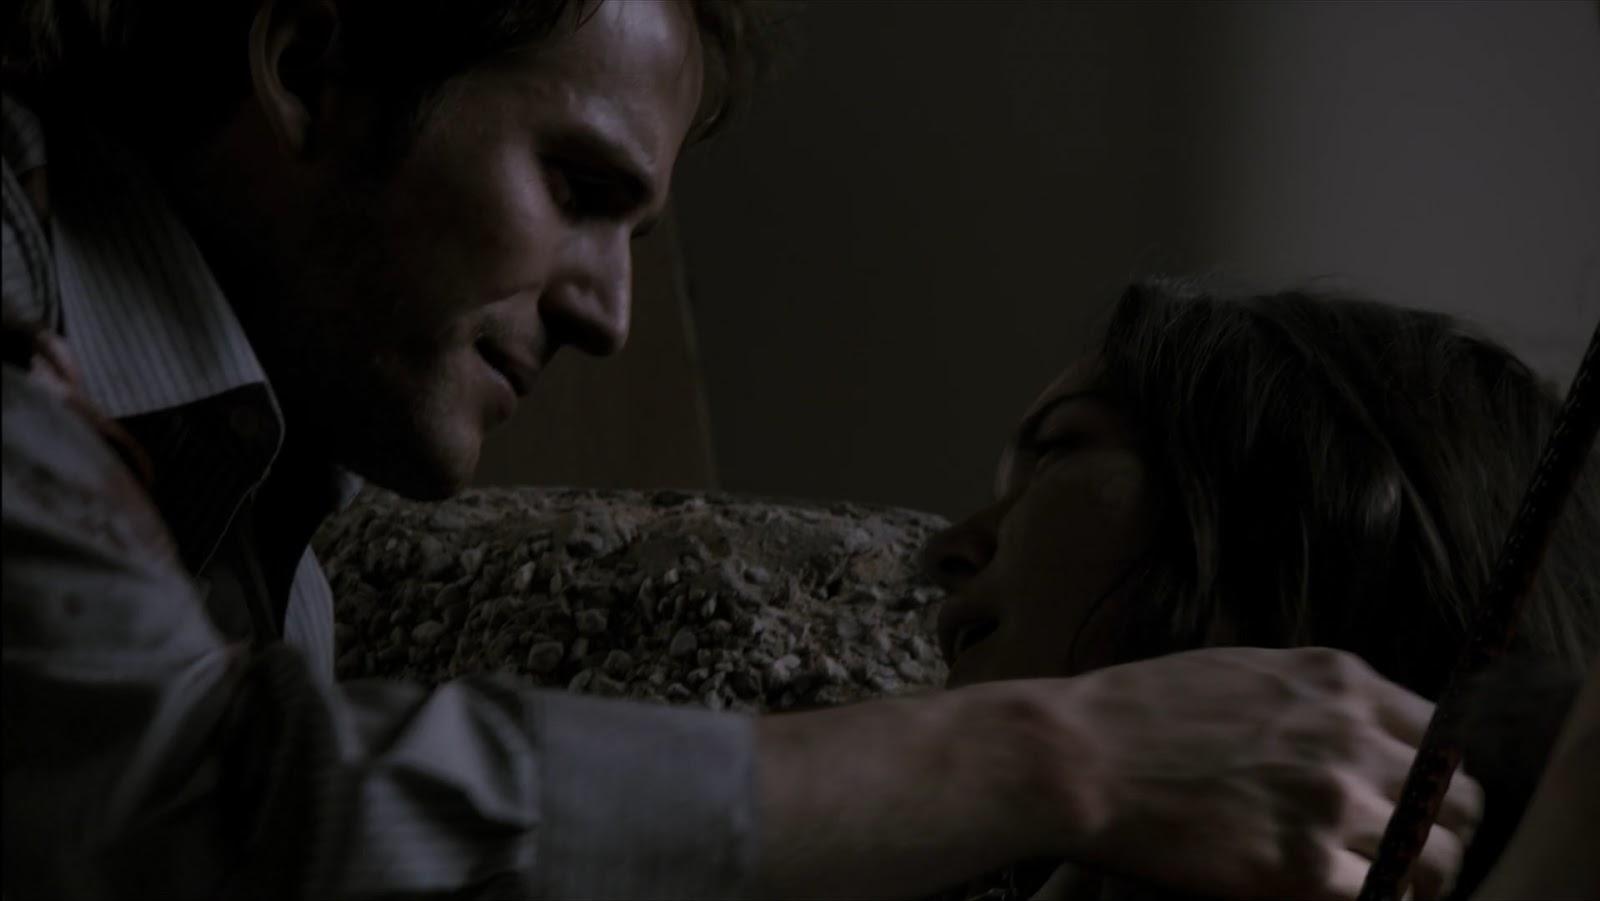 Cloverfield (2008) 2